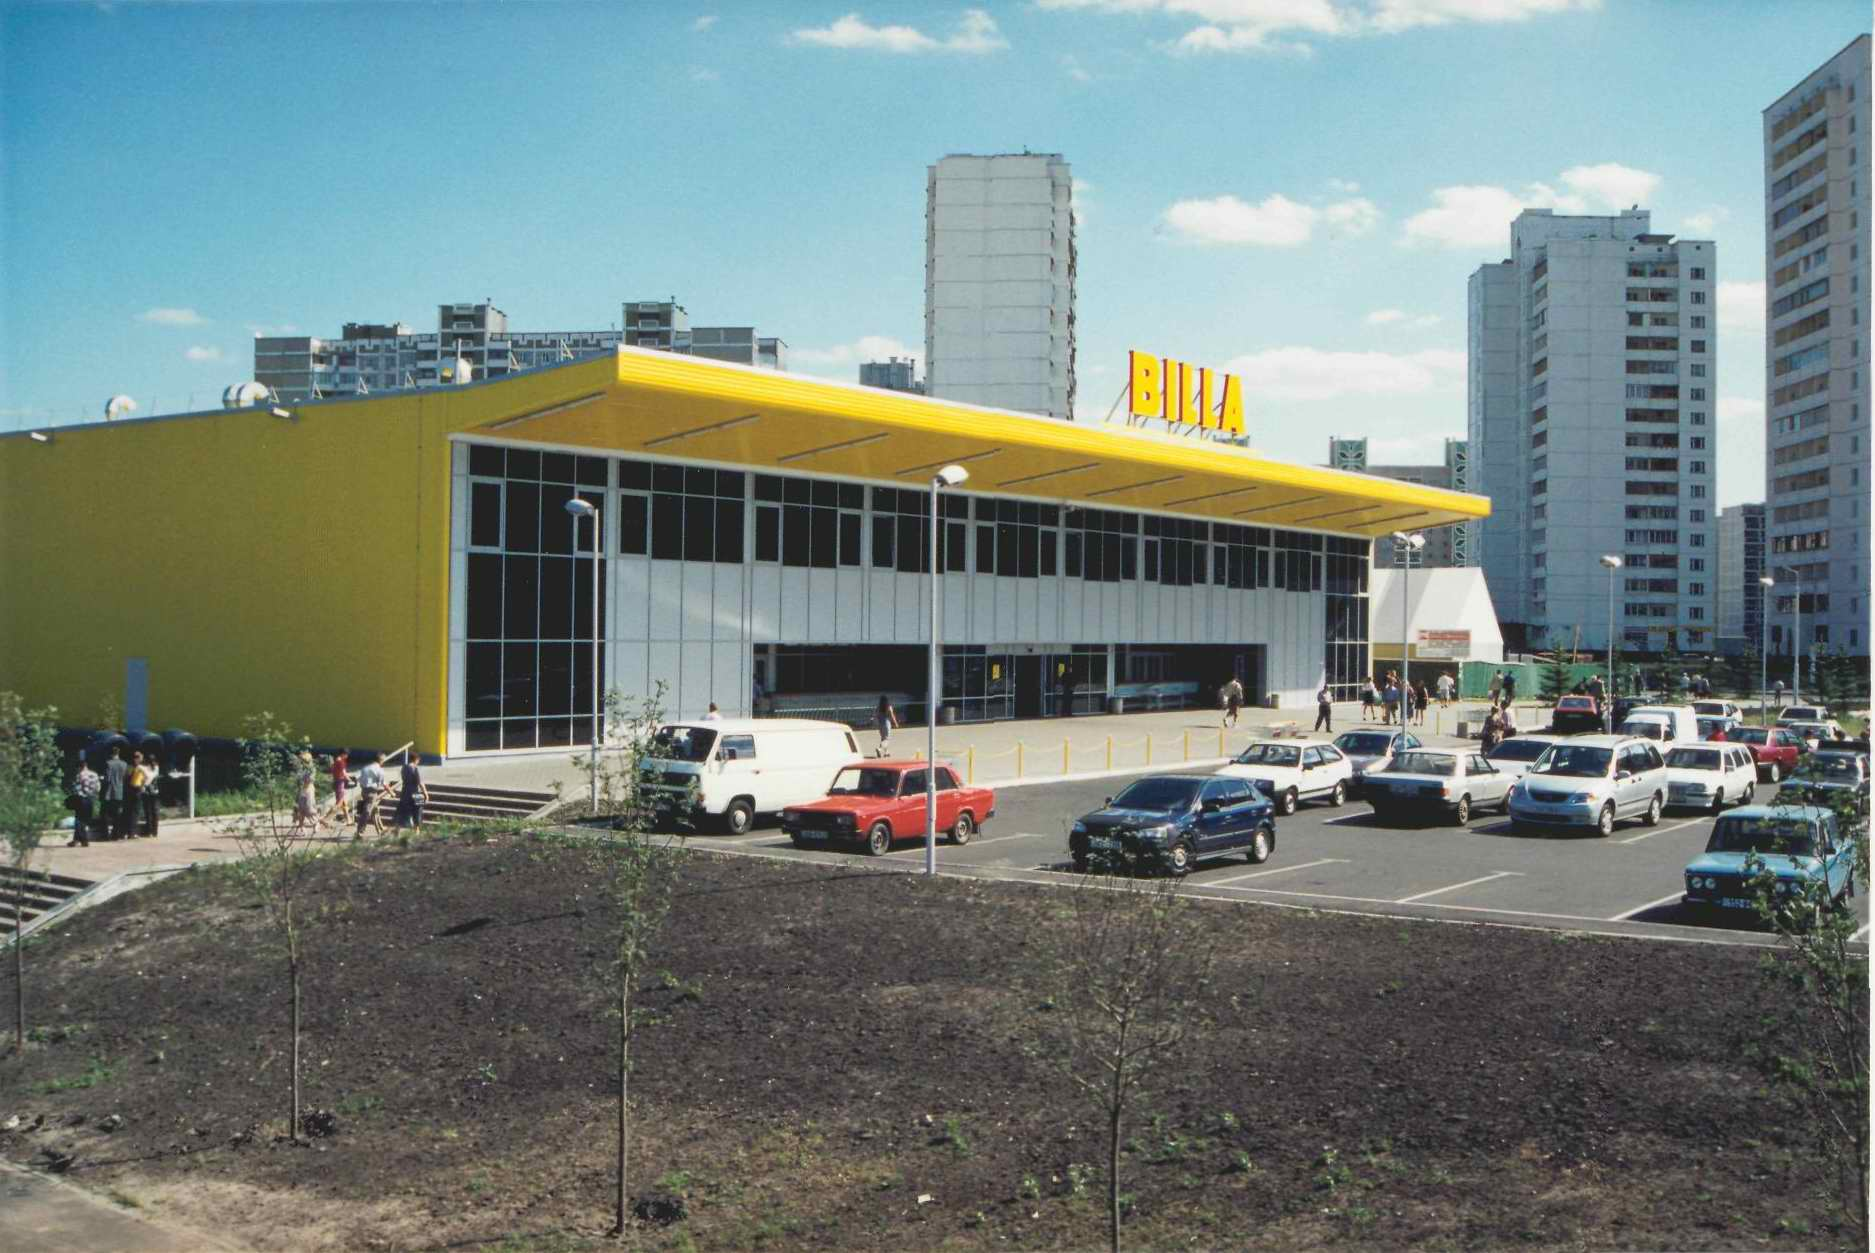 Billa, supermarket